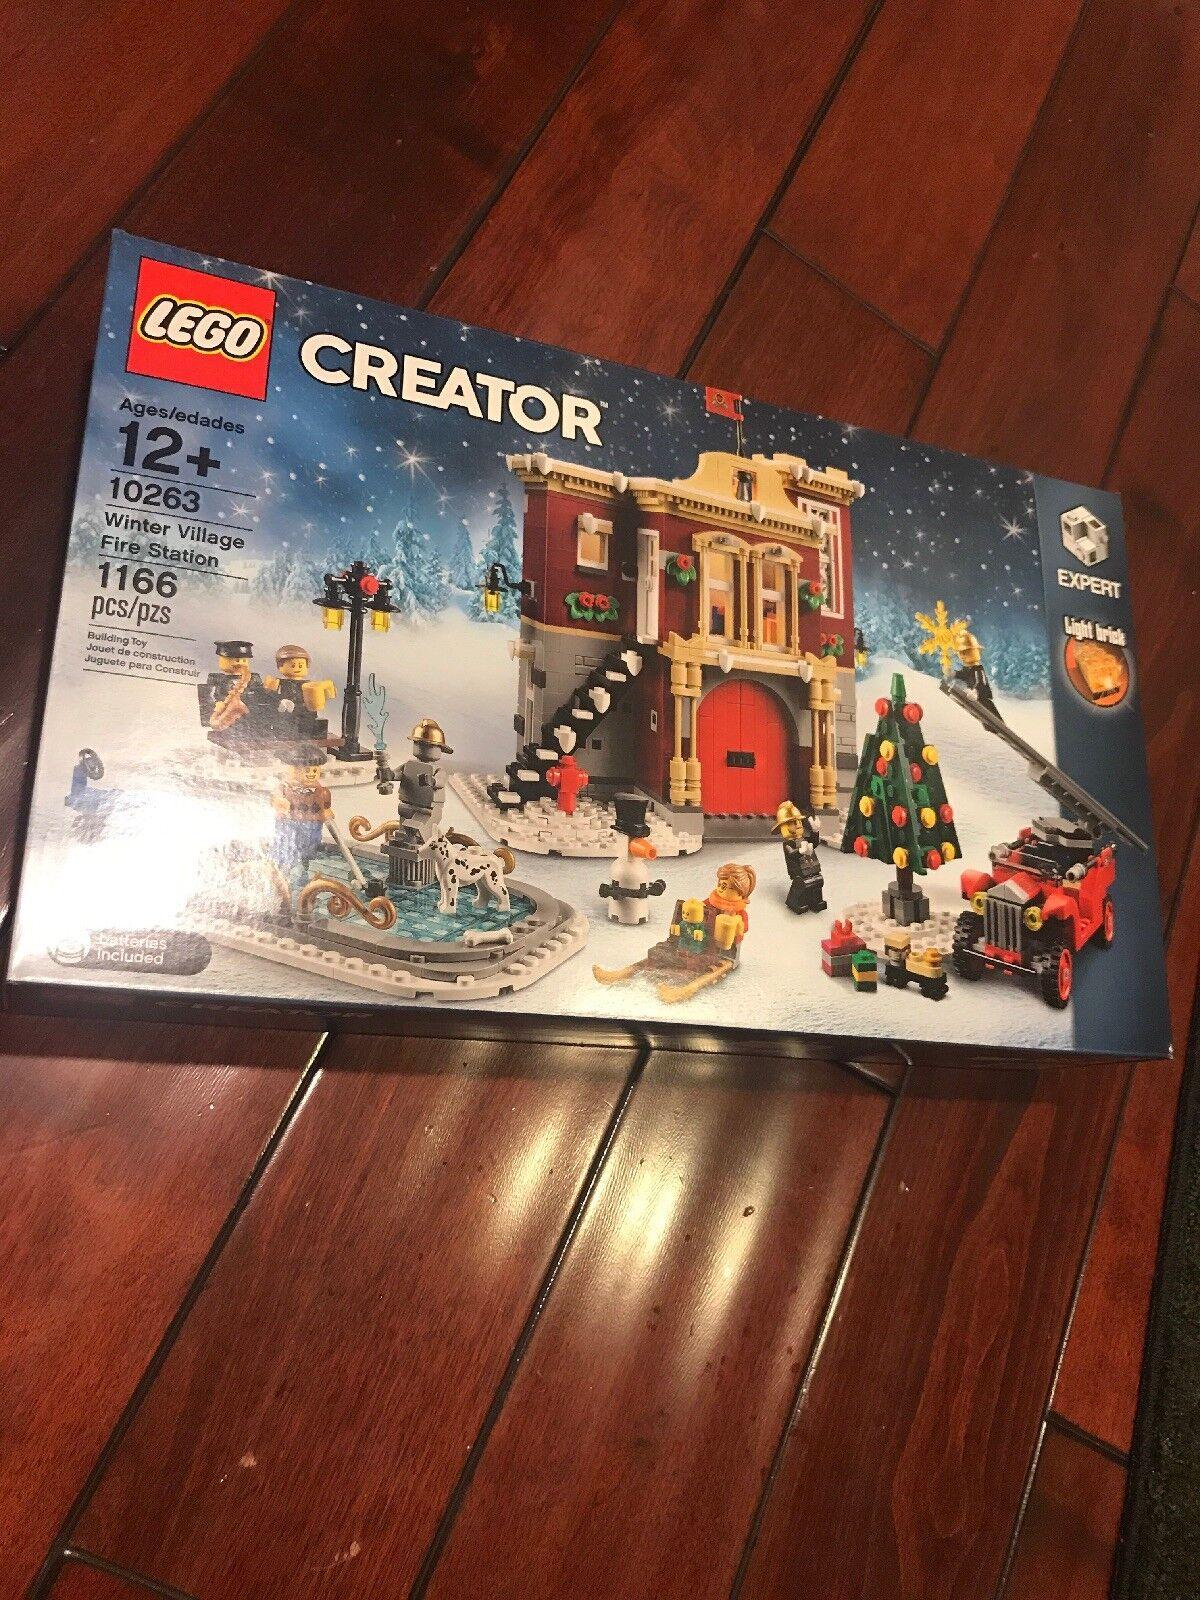 Lego creator expert 10263 fuego de Aldea de Invierno (1,166 Piezas) Nuevo Sellado